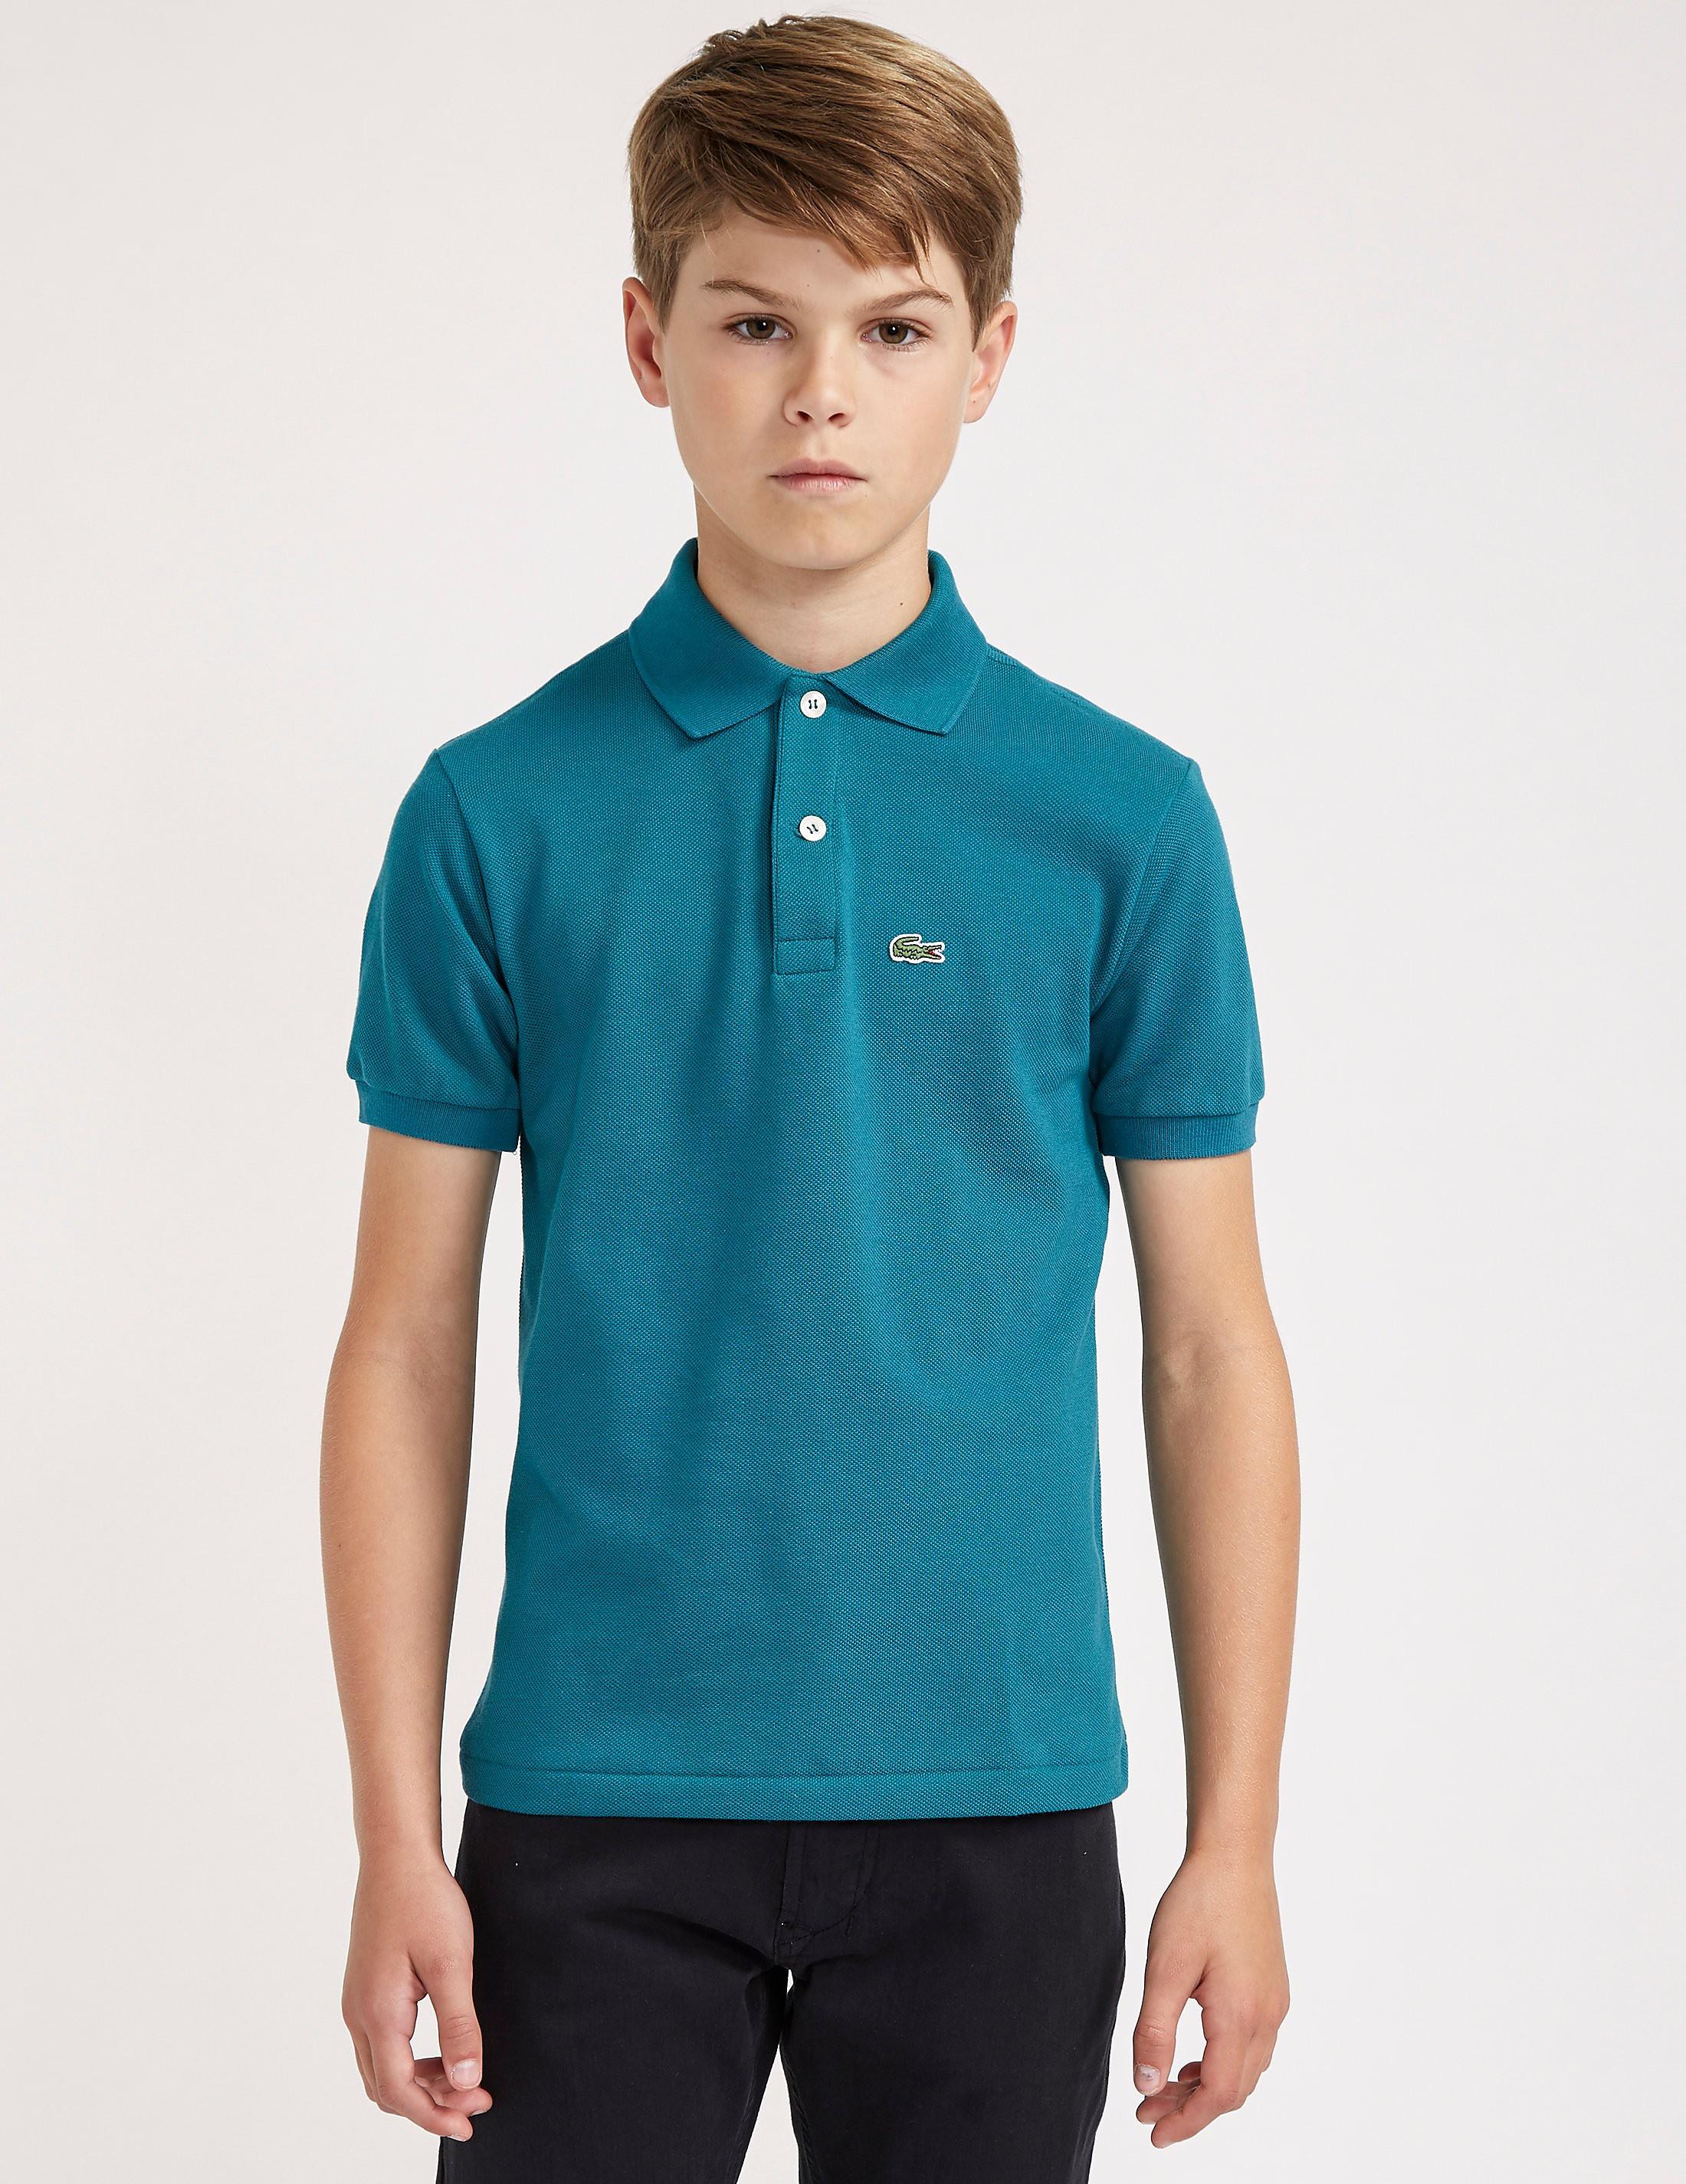 Lacoste Pique Short Sleeve Polo Shirt